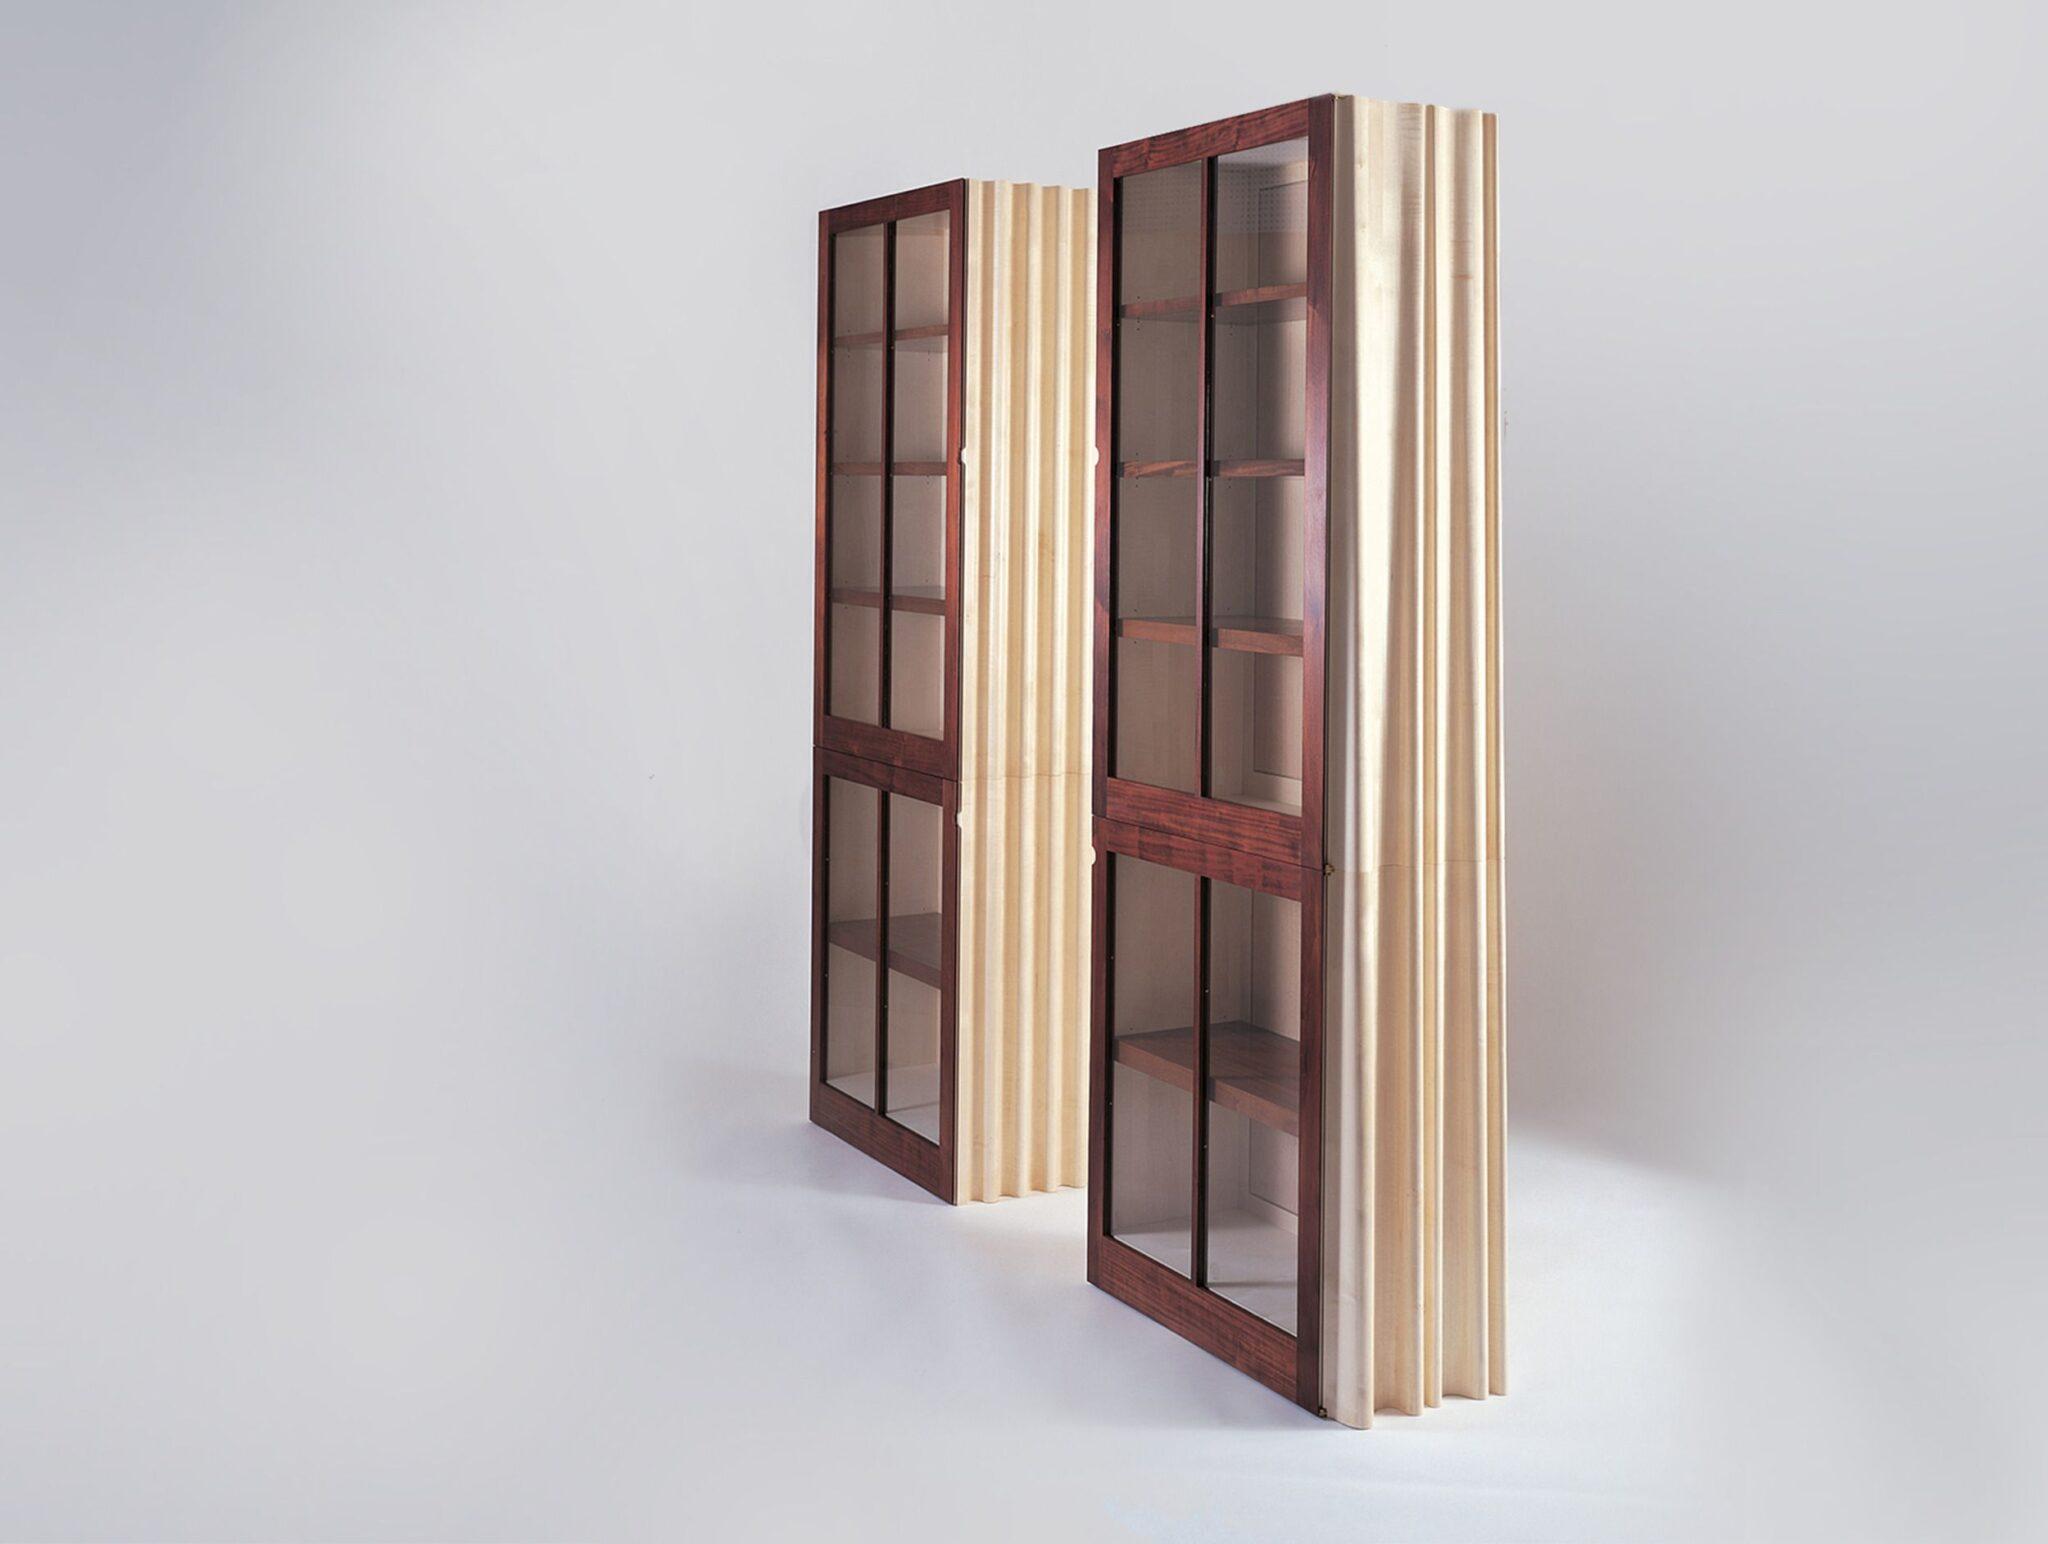 biblioteche-2500x1885